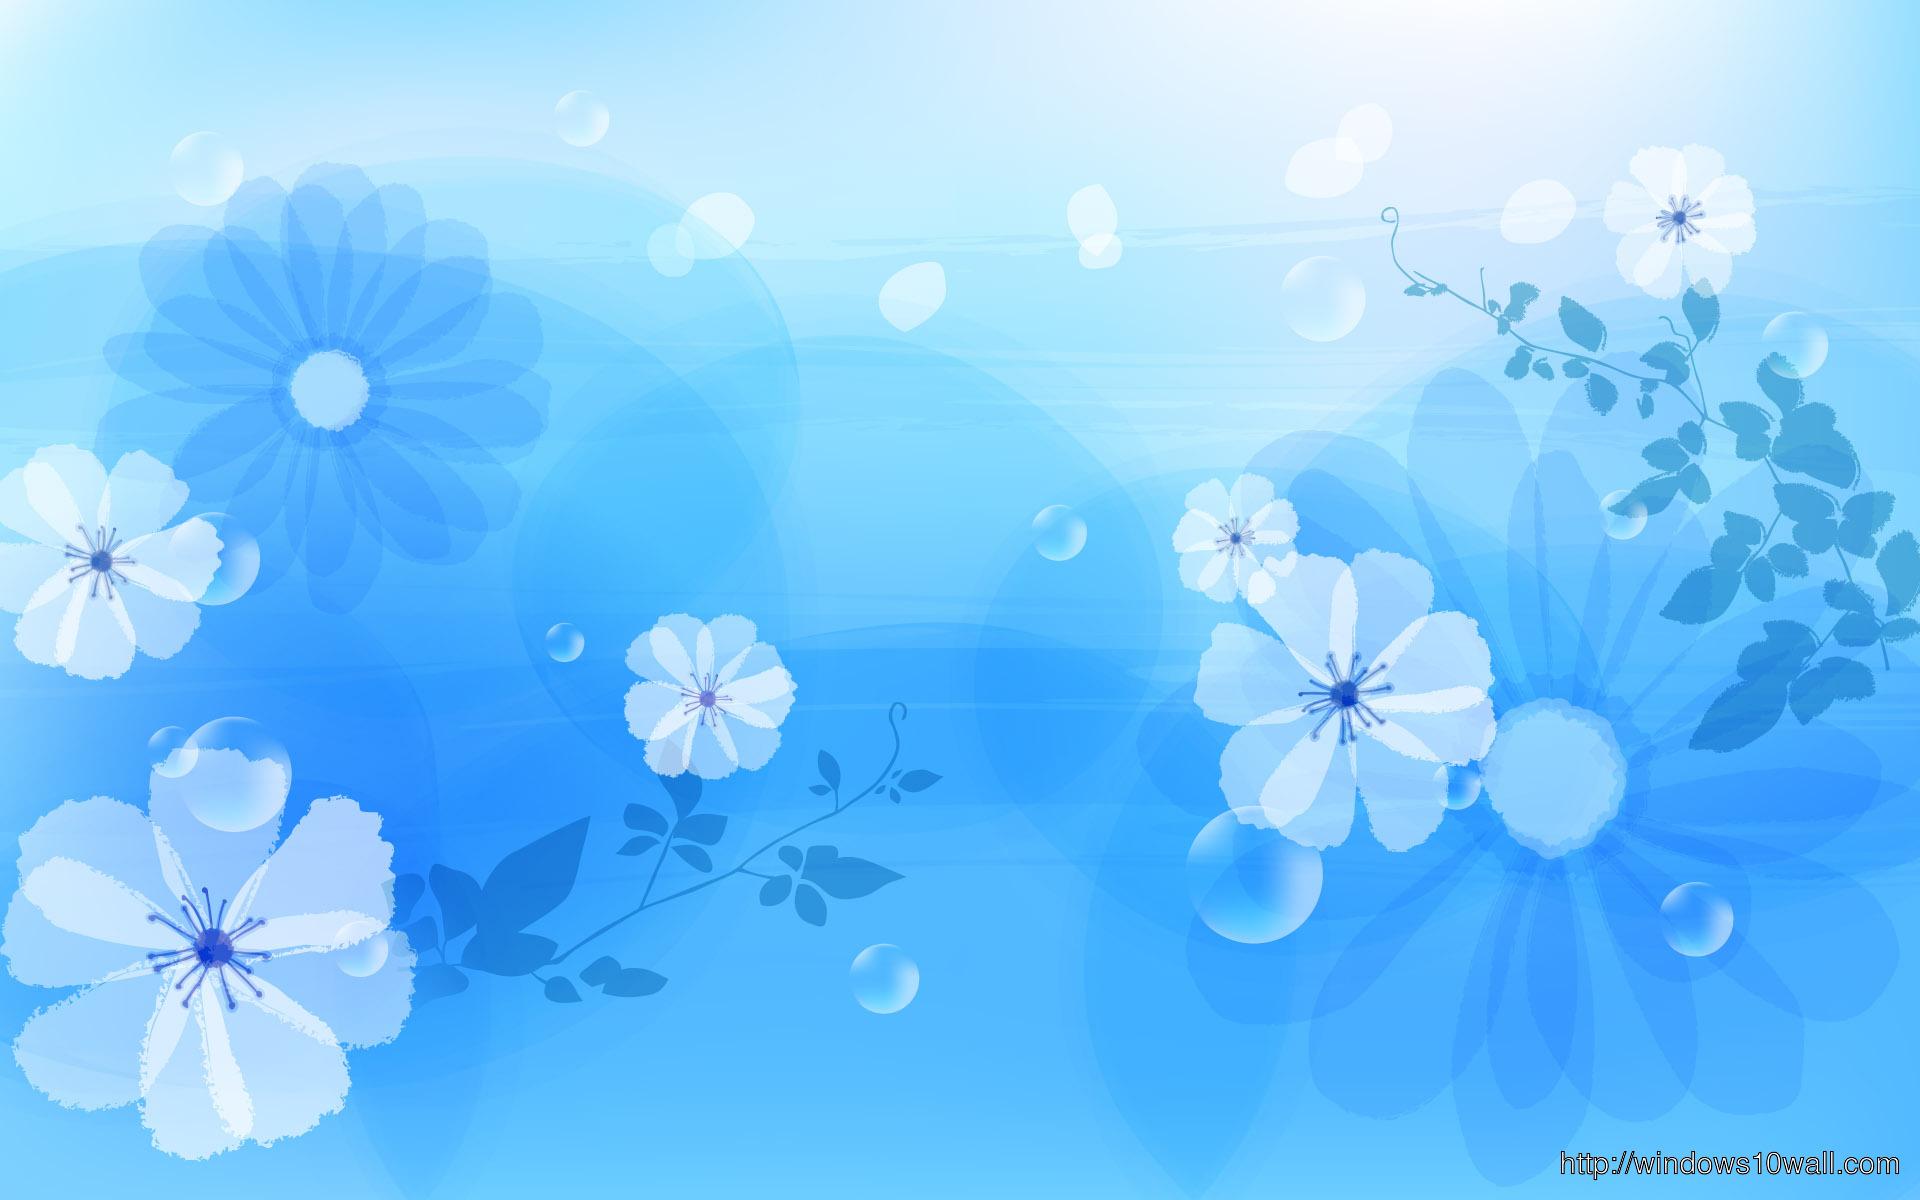 flower design hd wallpaper - photo #16